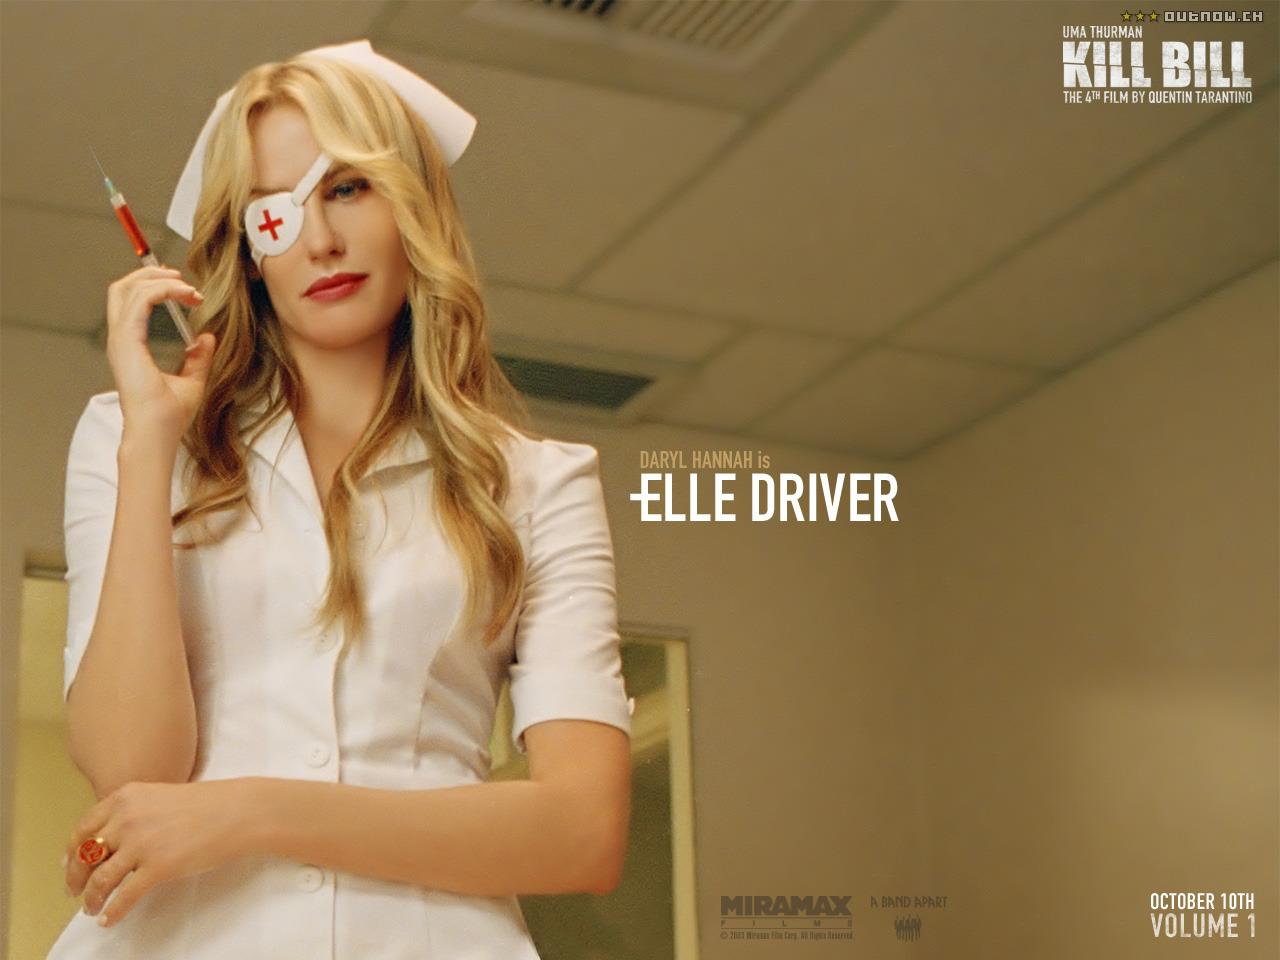 http://2.bp.blogspot.com/-cm2XNBdPrlc/UKpU40tqr7I/AAAAAAAAHQI/wpeP619z1f4/s1600/Elle+Driver_wallpaper.jpg